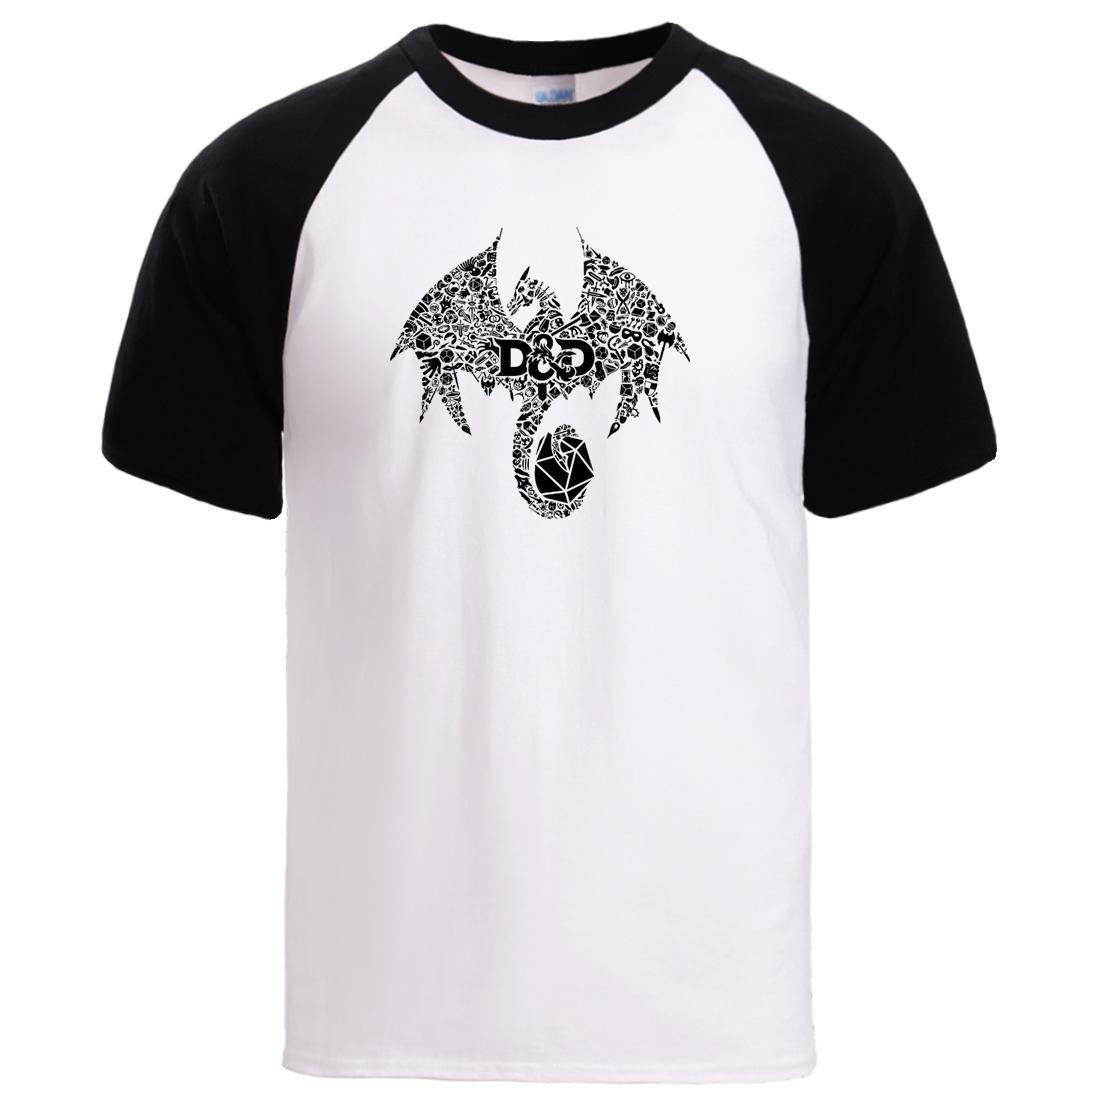 Mosaico Drago magliette 2020 Mens estate allentato cotone Maniche corte Maglia Tshirt Uomo casuale Raglan manica magliette dell'uomo tee shirt